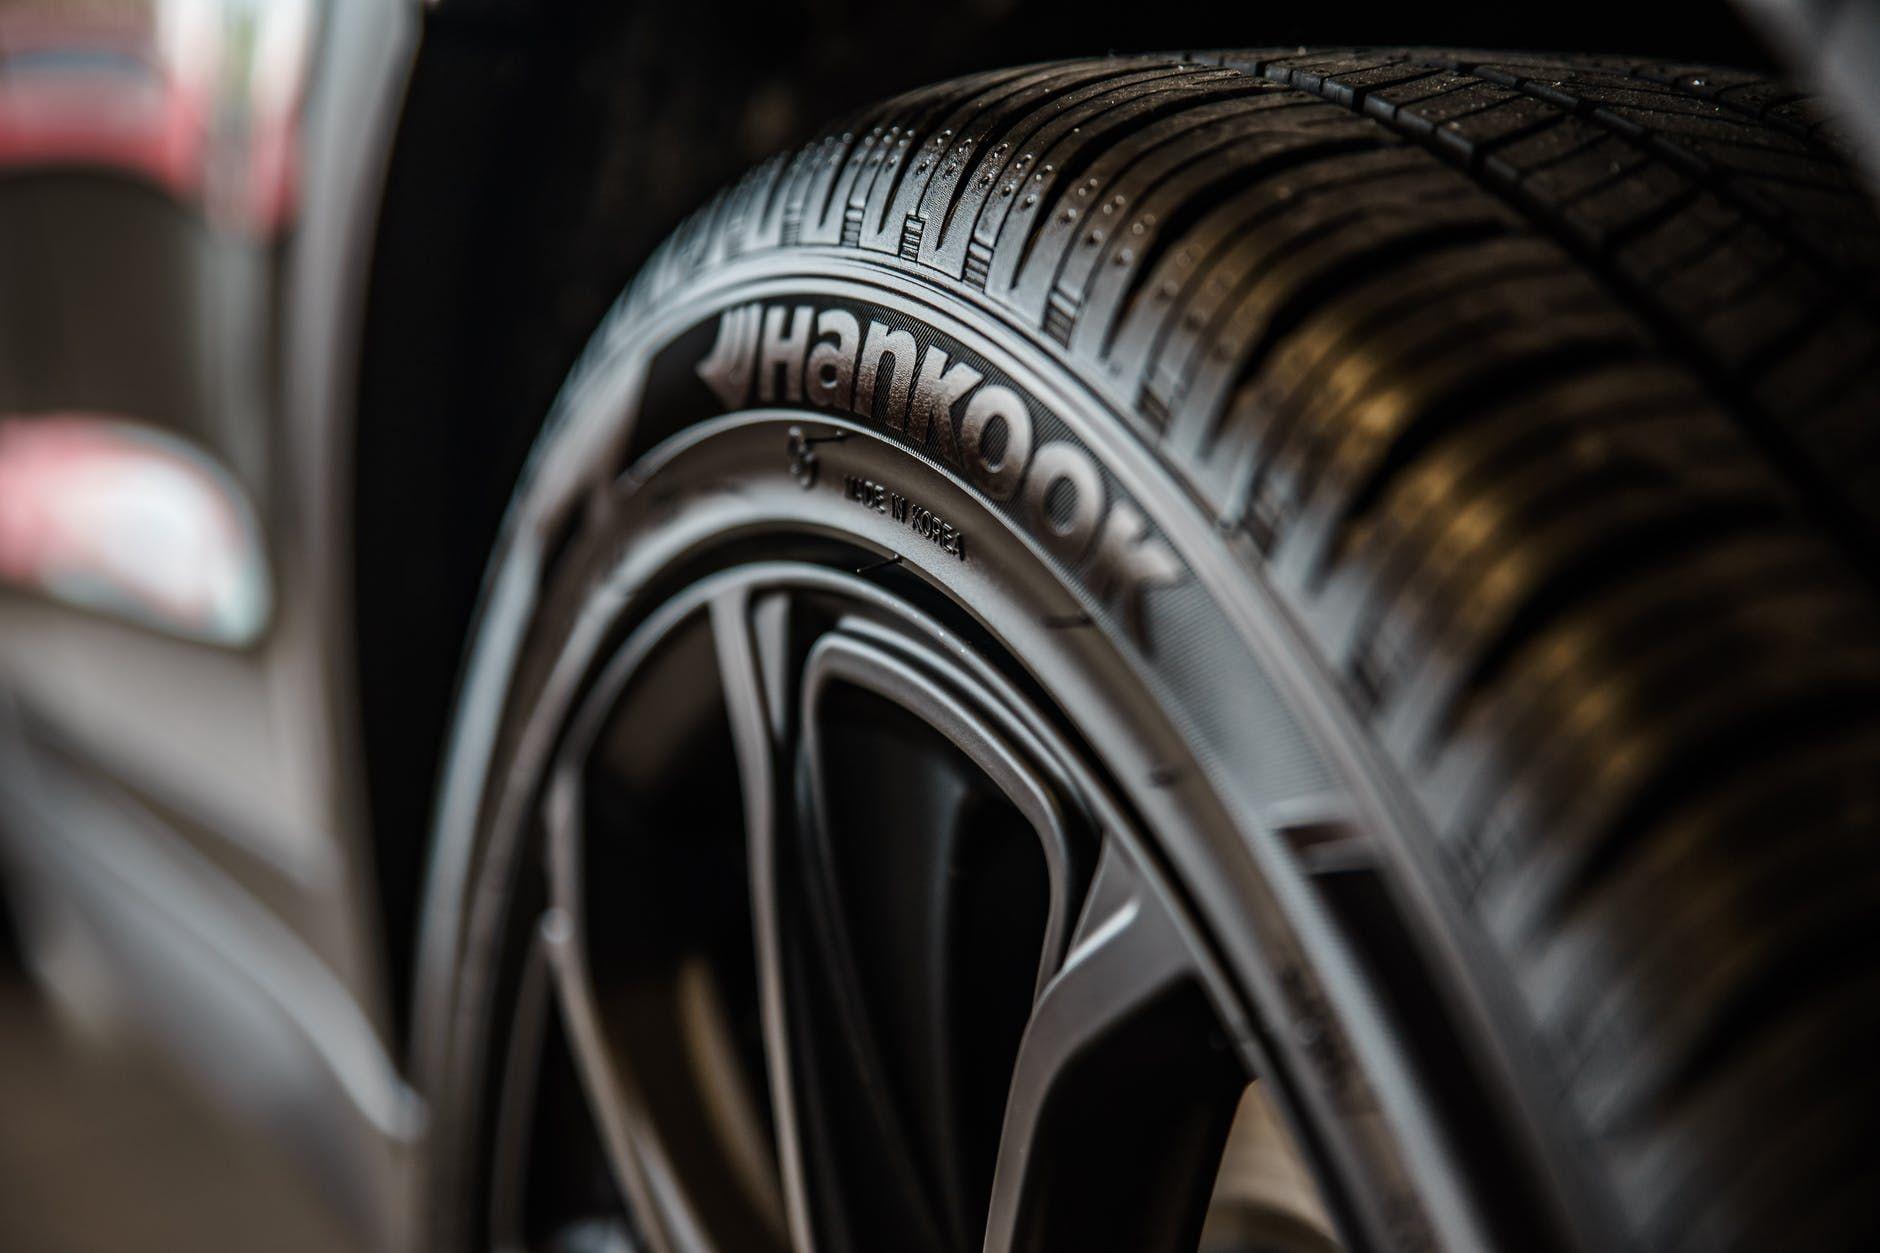 A black car tire